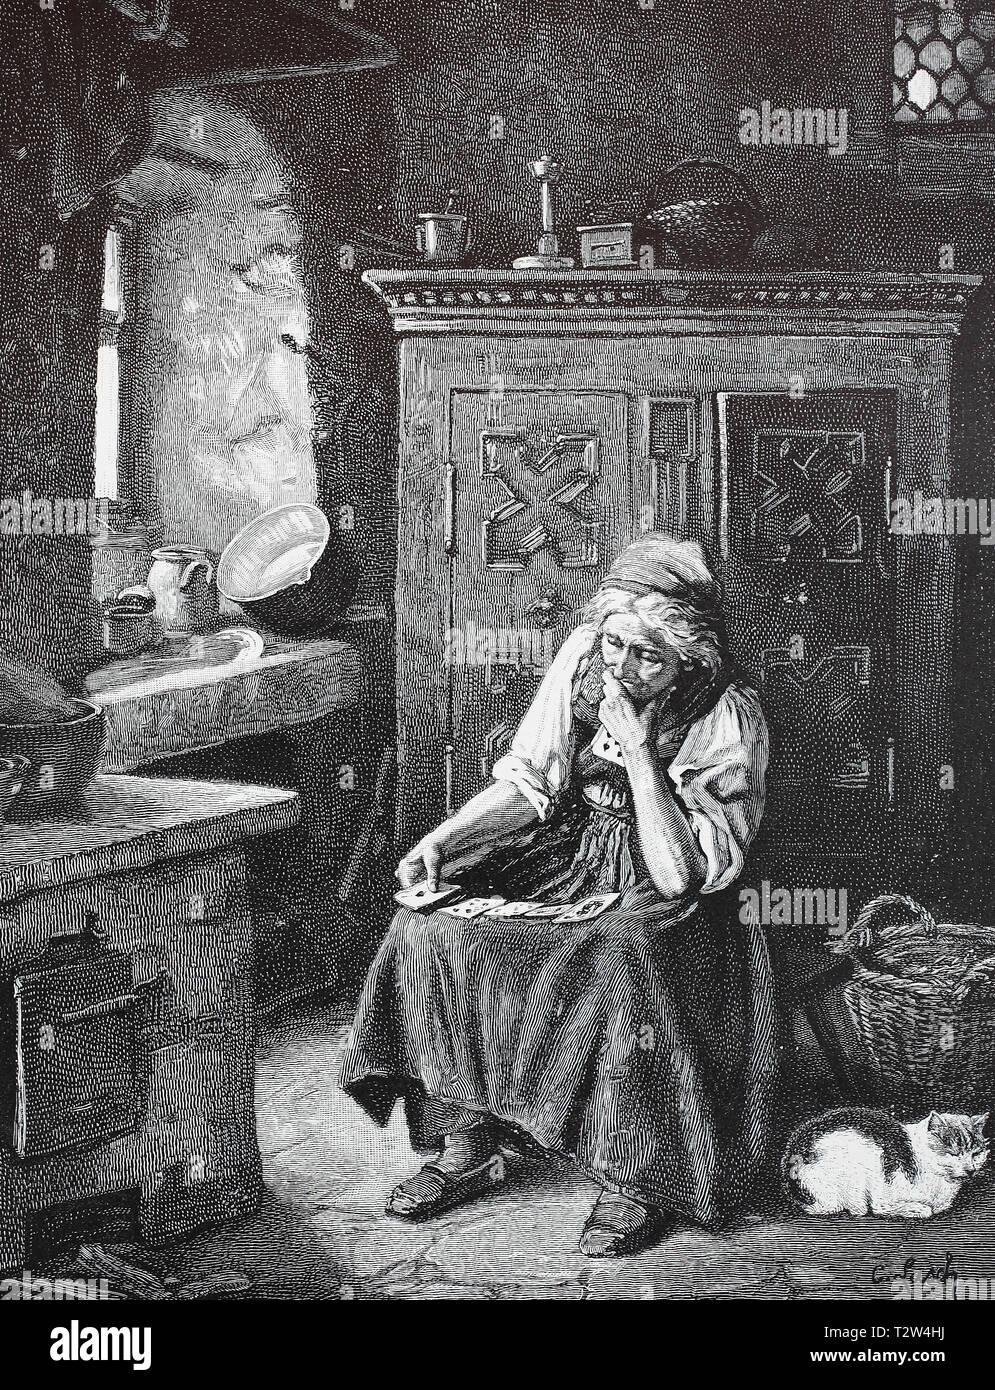 old Kartenlegerin in her room, has spread out the maps on her apron, alte Kartenlegerin in ihrem Zimmer, hat die Karten auf ihrer Schürze ausgebreitet - Stock Image